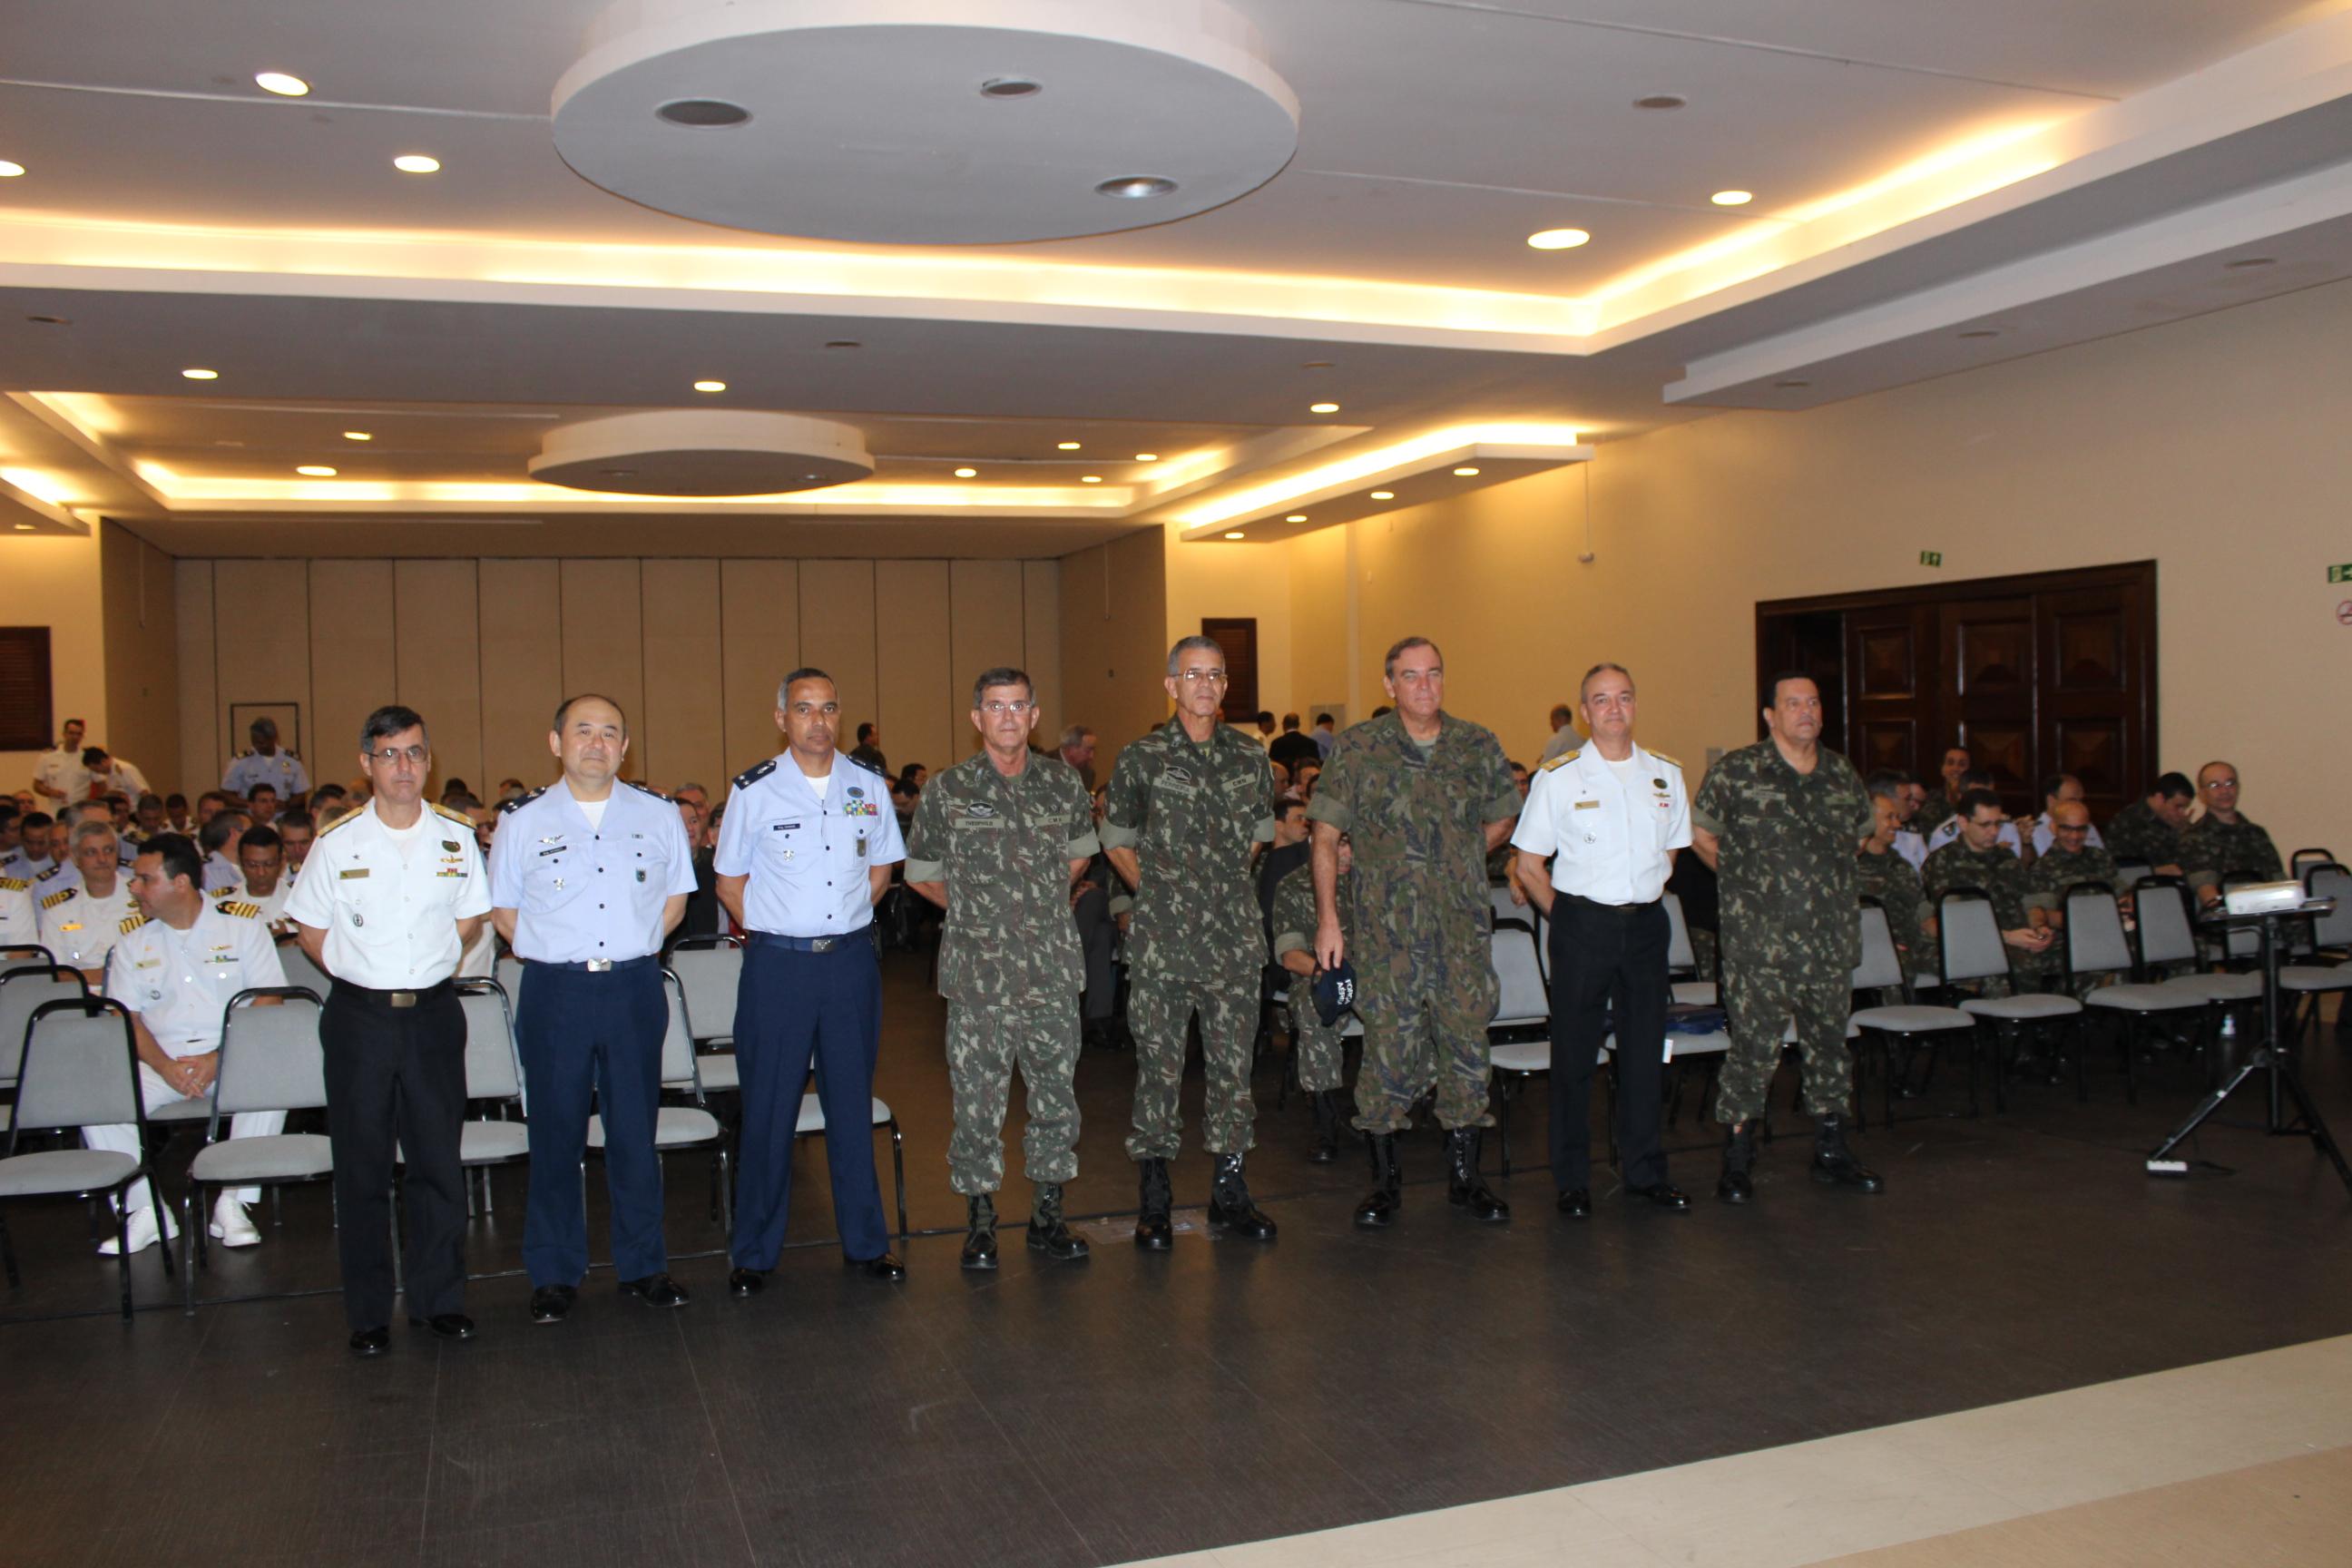 Curso Superior de Defesa (CSD) Realiza 2ª Viagem de Estudos